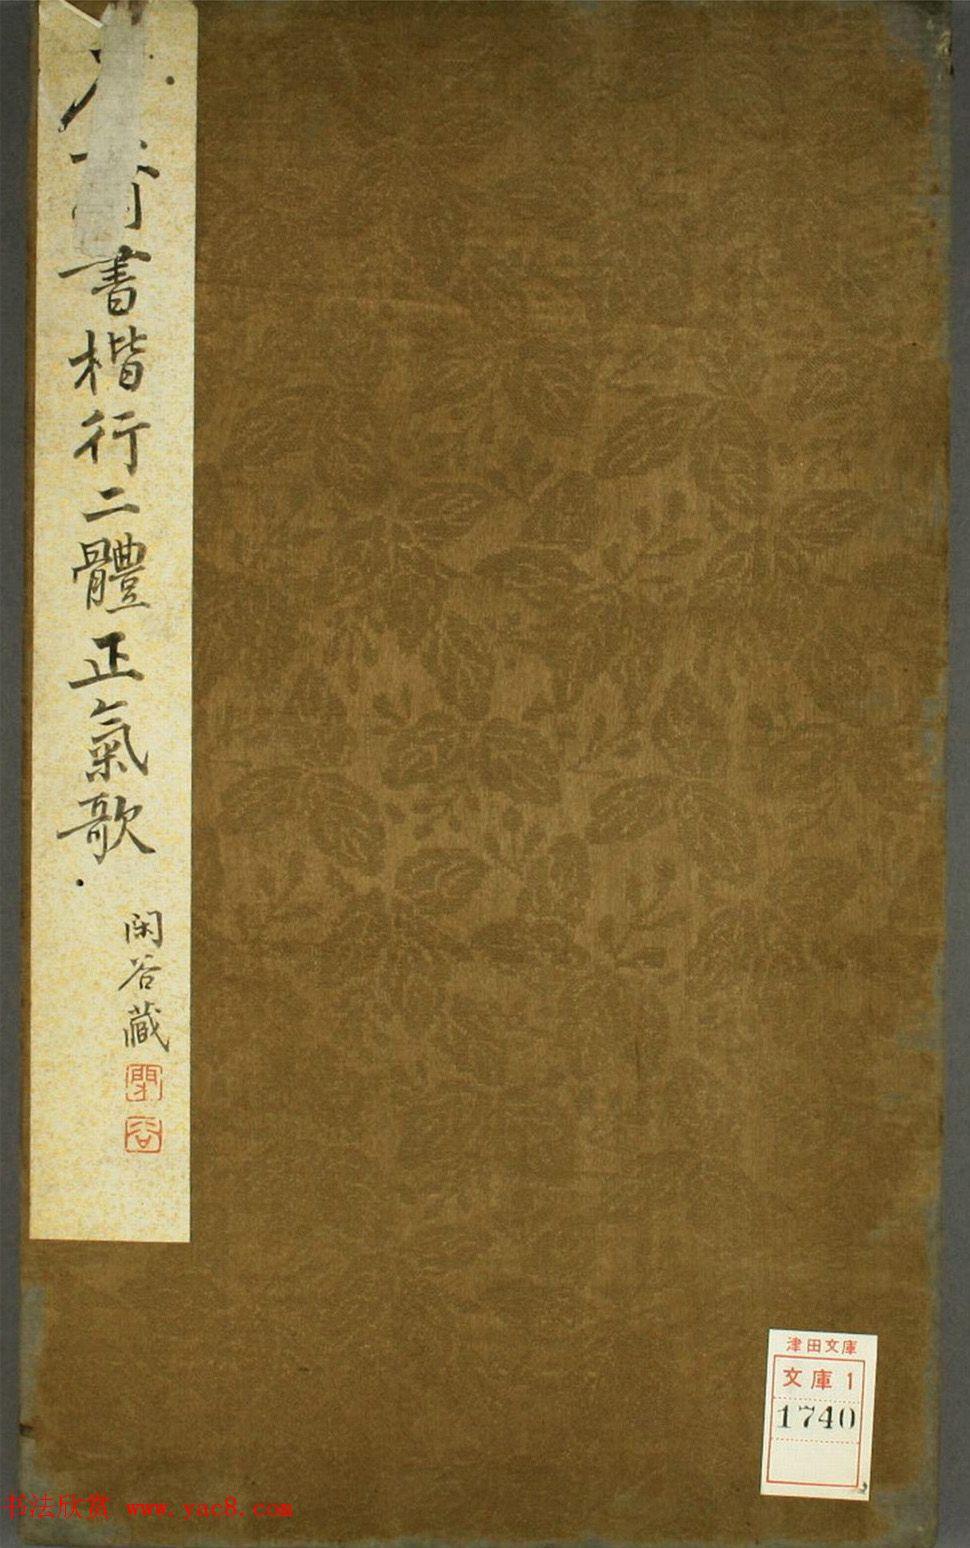 日本高桥石斋楷书行书二体《正气歌》